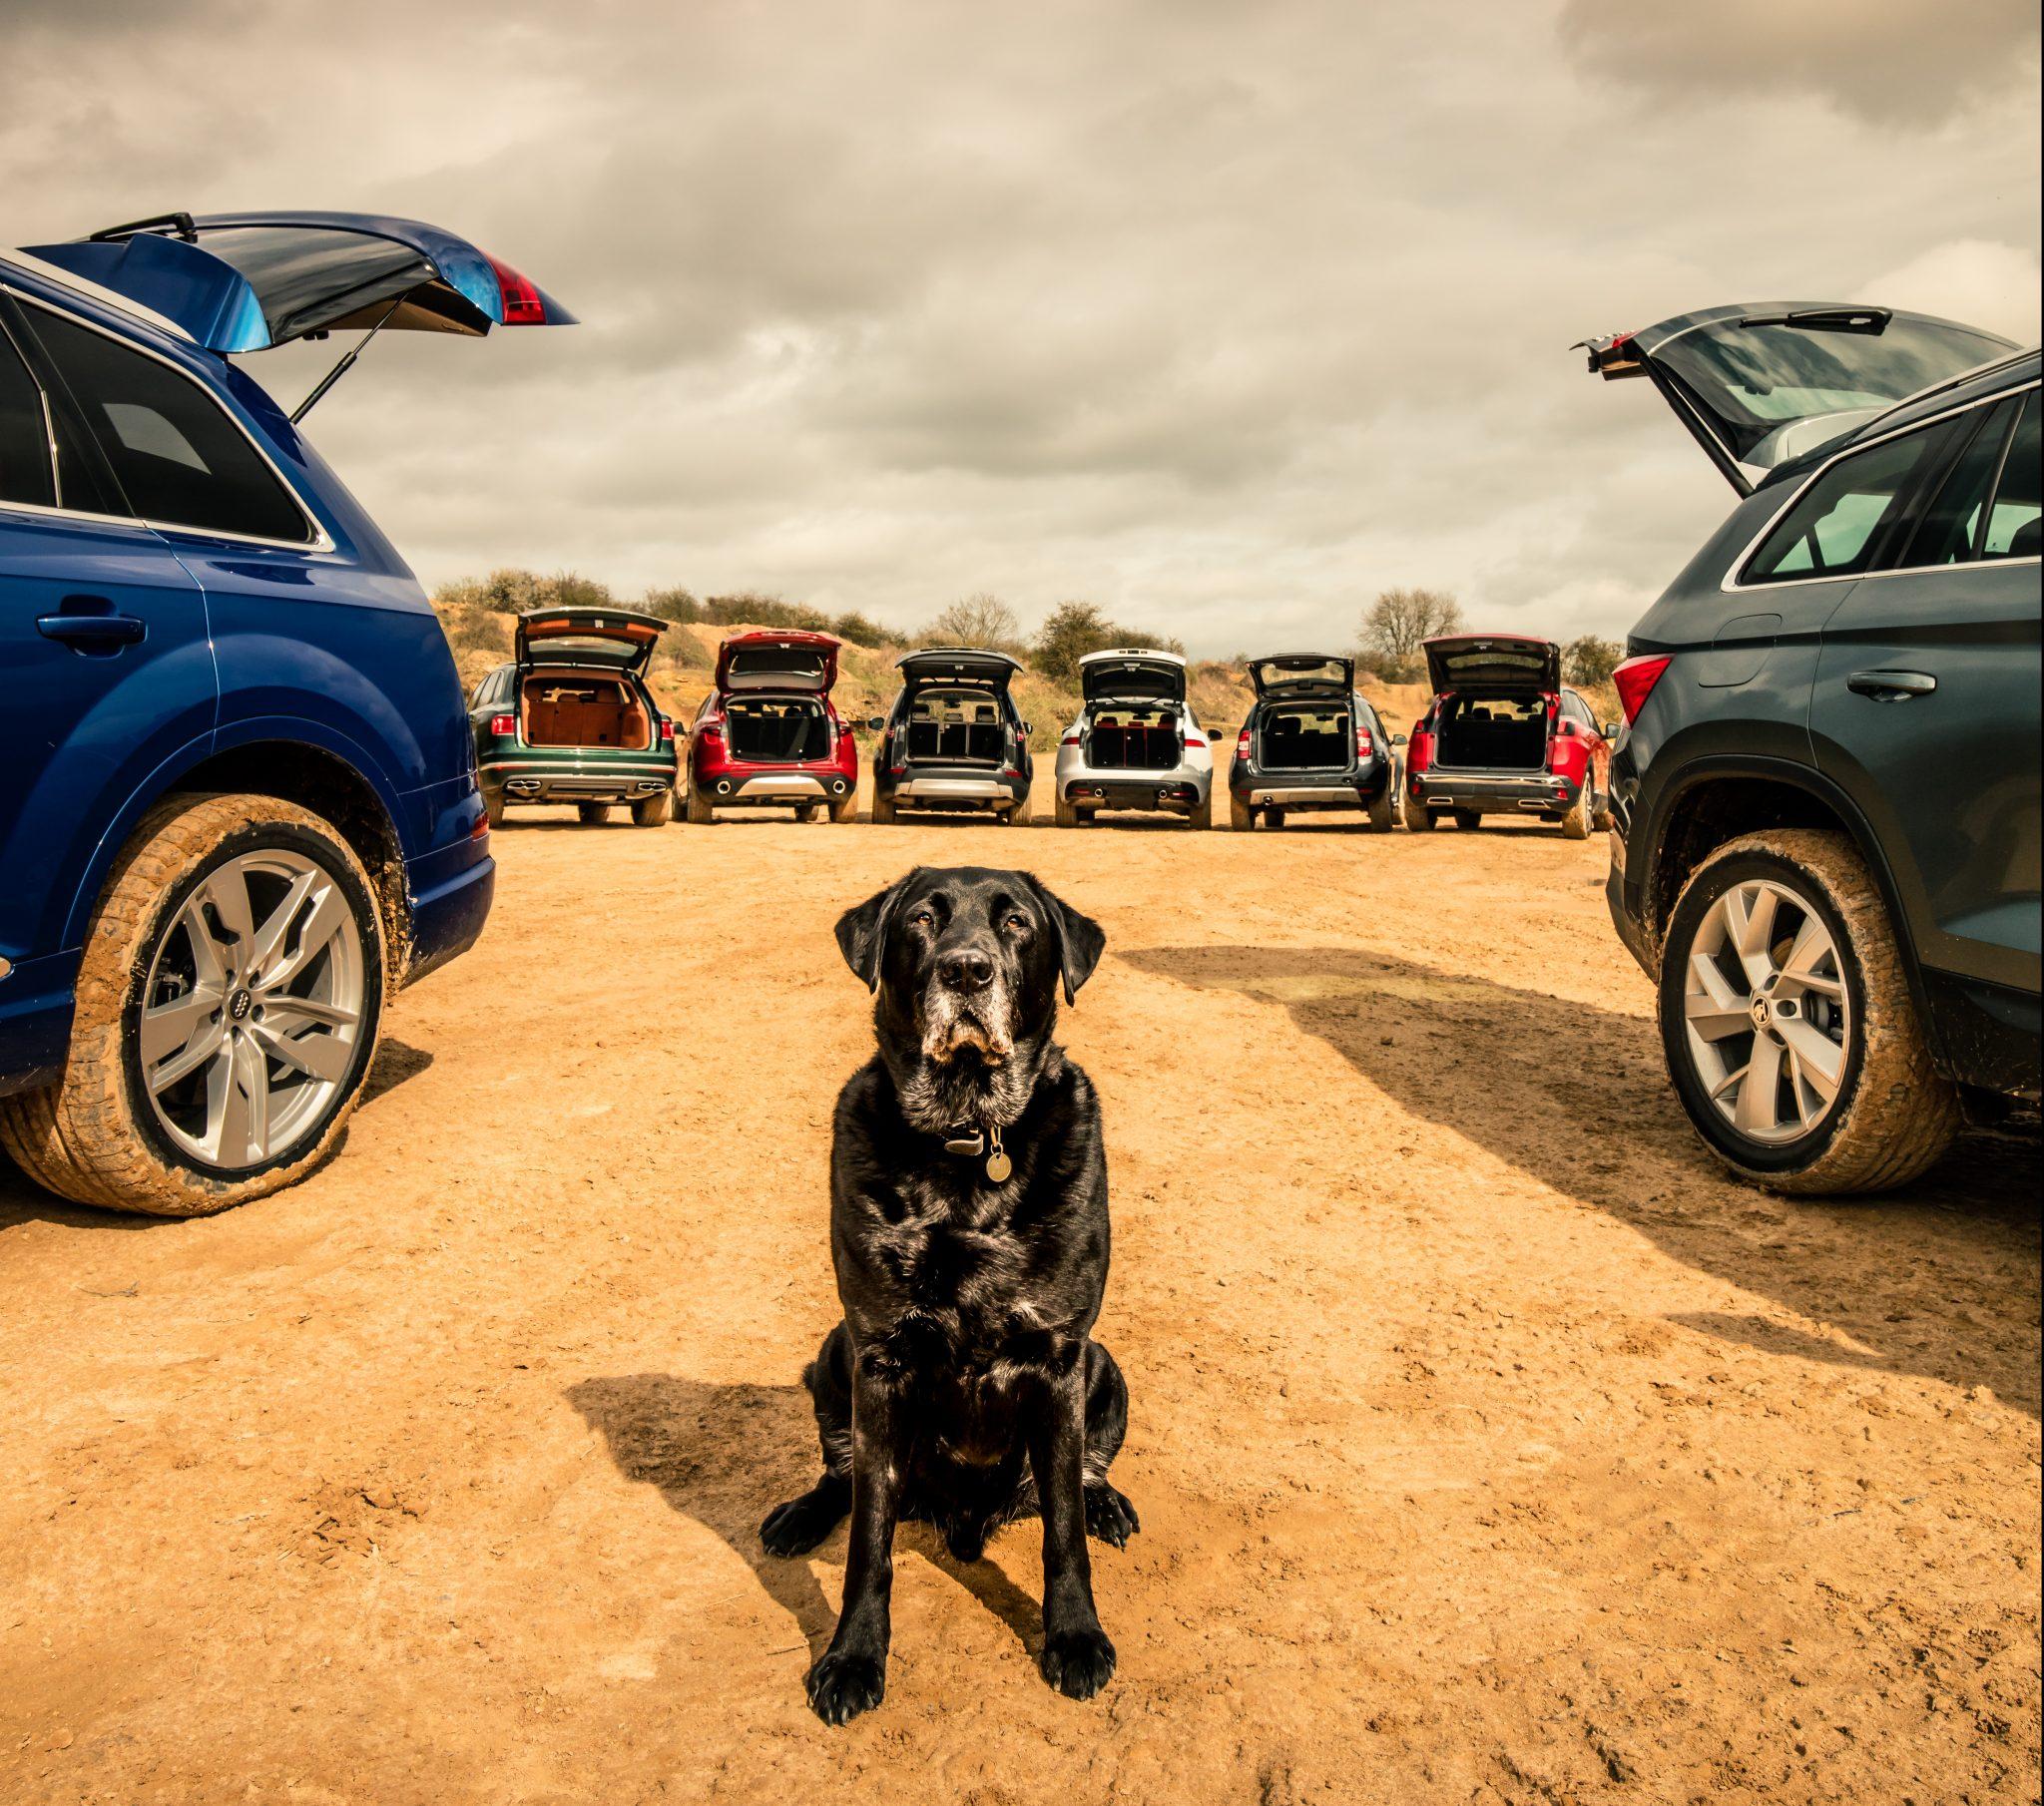 SUV-test: Bruikbaarheid